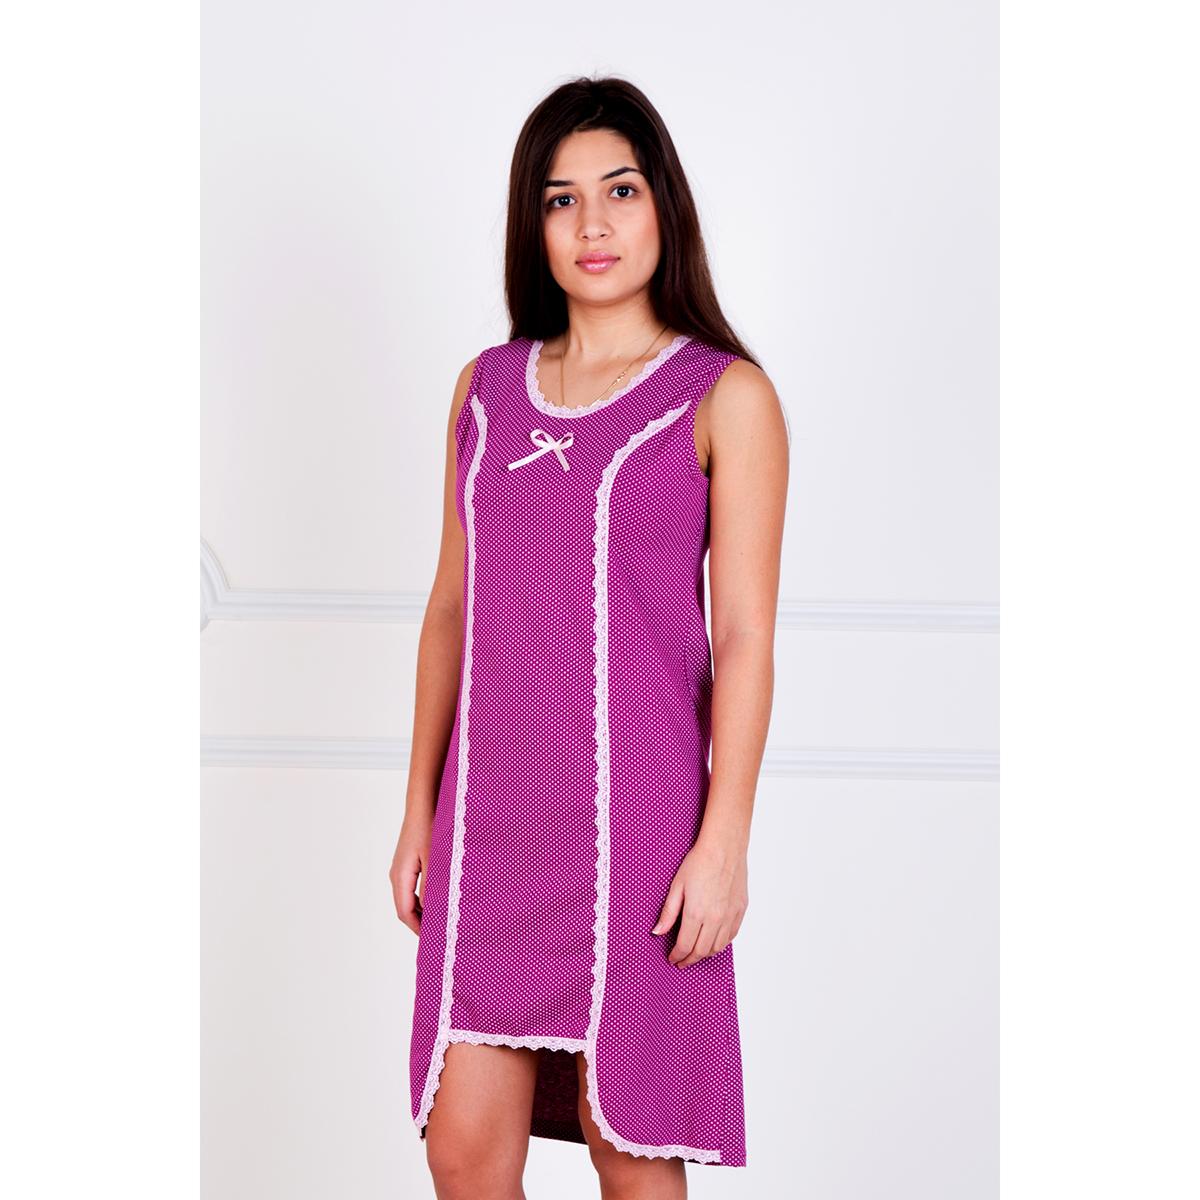 Женская сорочка Астрид Малиновый, размер 44Ночные сорочки<br>Обхват груди:88 см<br>Обхват талии:68 см<br>Обхват бедер:96 см<br>Рост:167 см<br><br>Тип: Жен. сорочка<br>Размер: 44<br>Материал: Кулирка